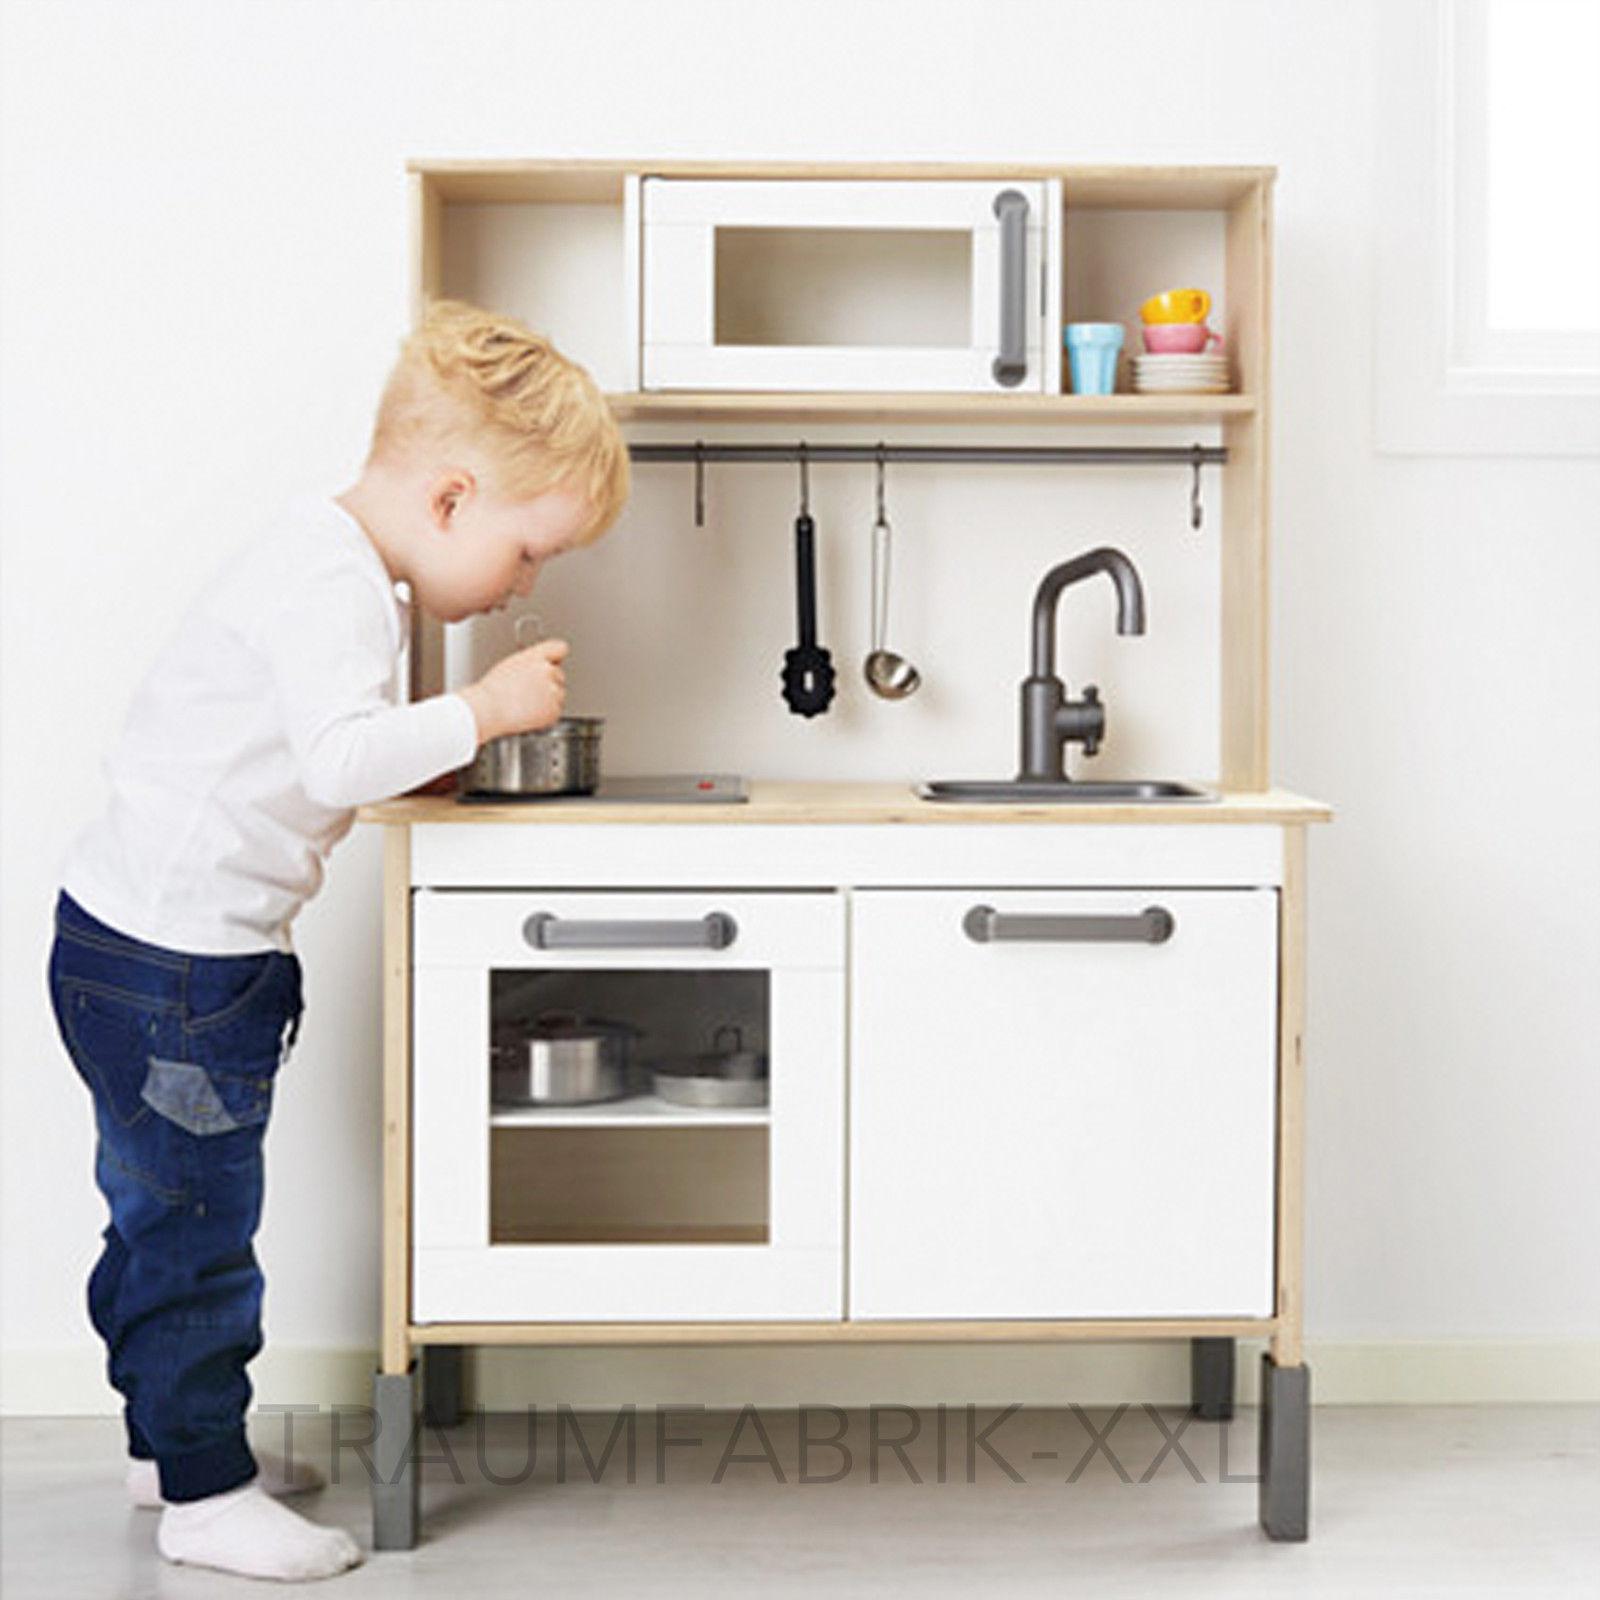 IKEA DUKTIG Holz Spiel Küche Kinder Baby Wohnen Ober+Unterteil OVP * BPA  Frei *